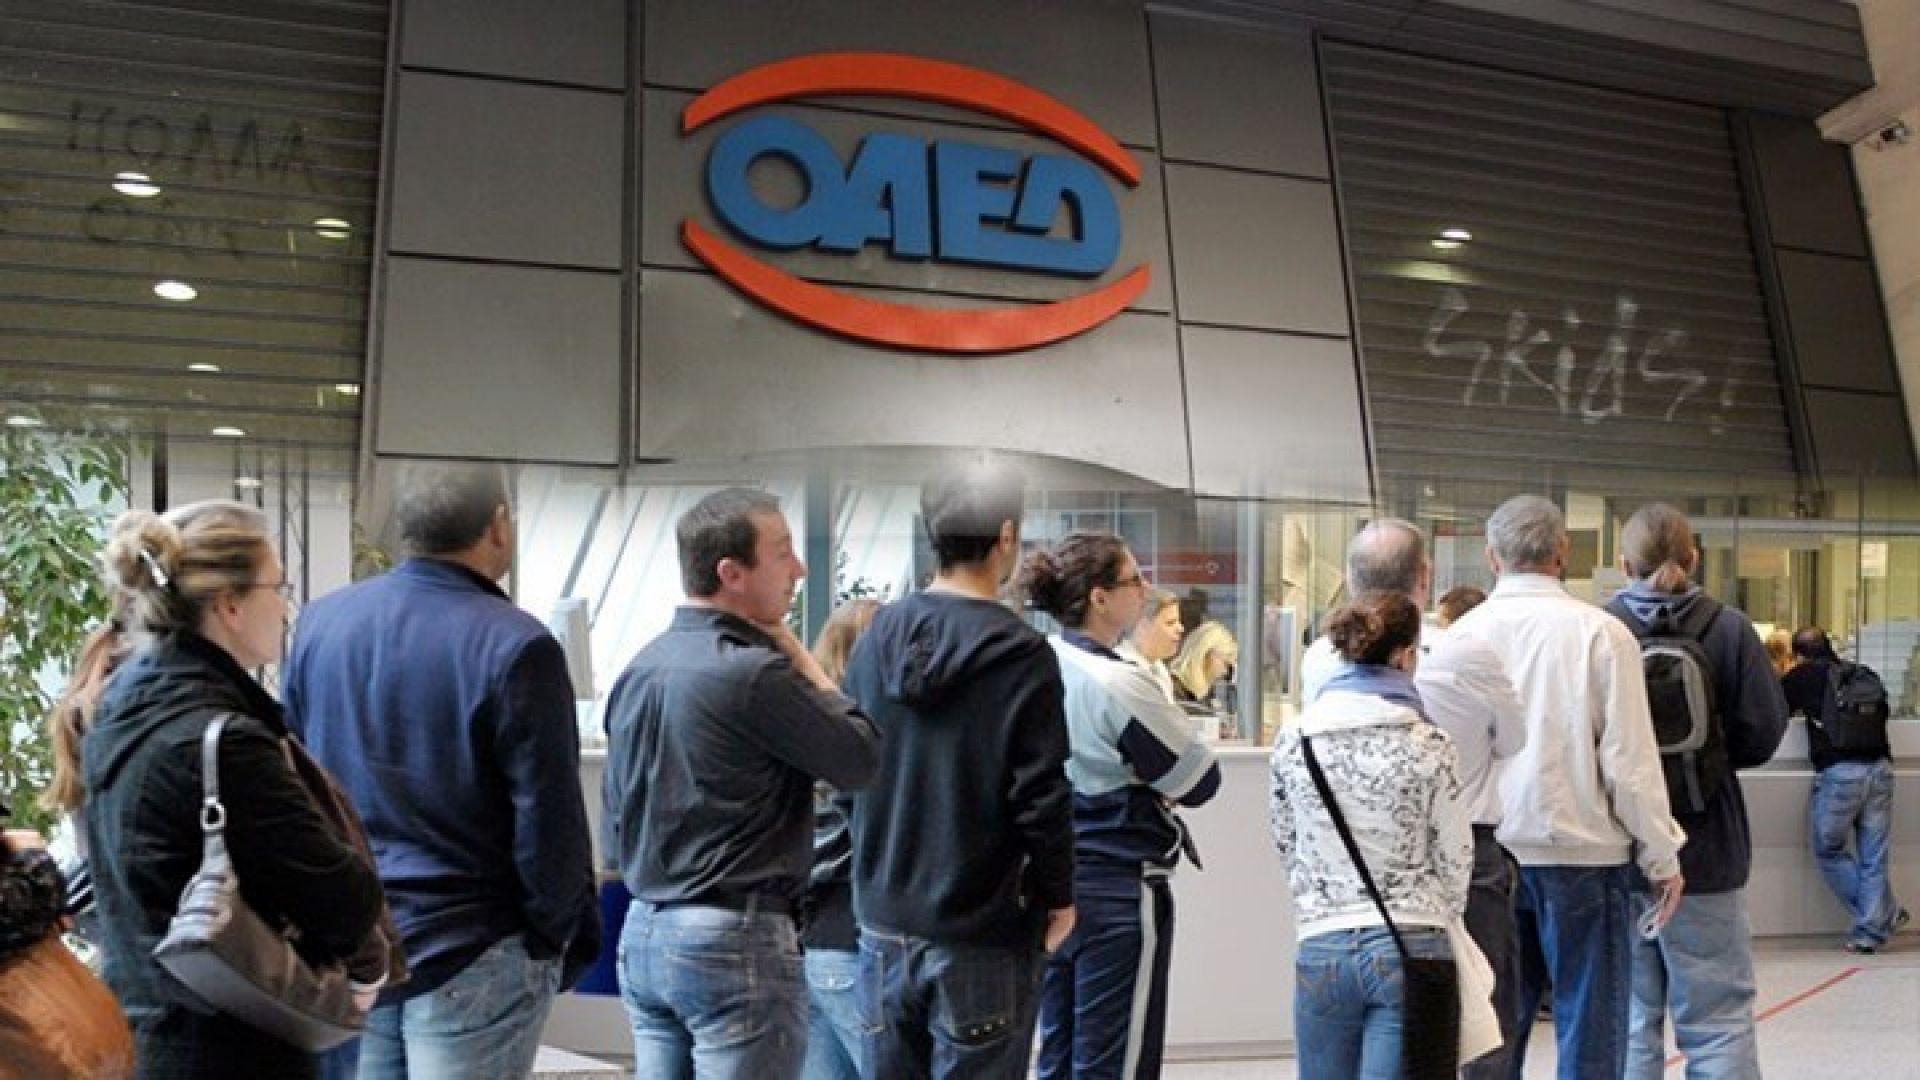 Μήπως μείνατε άνεργοι; Δείτε πως μπορείτε να πάρετε επίδομα ανεργίας από τον ΟΑΕΔ;